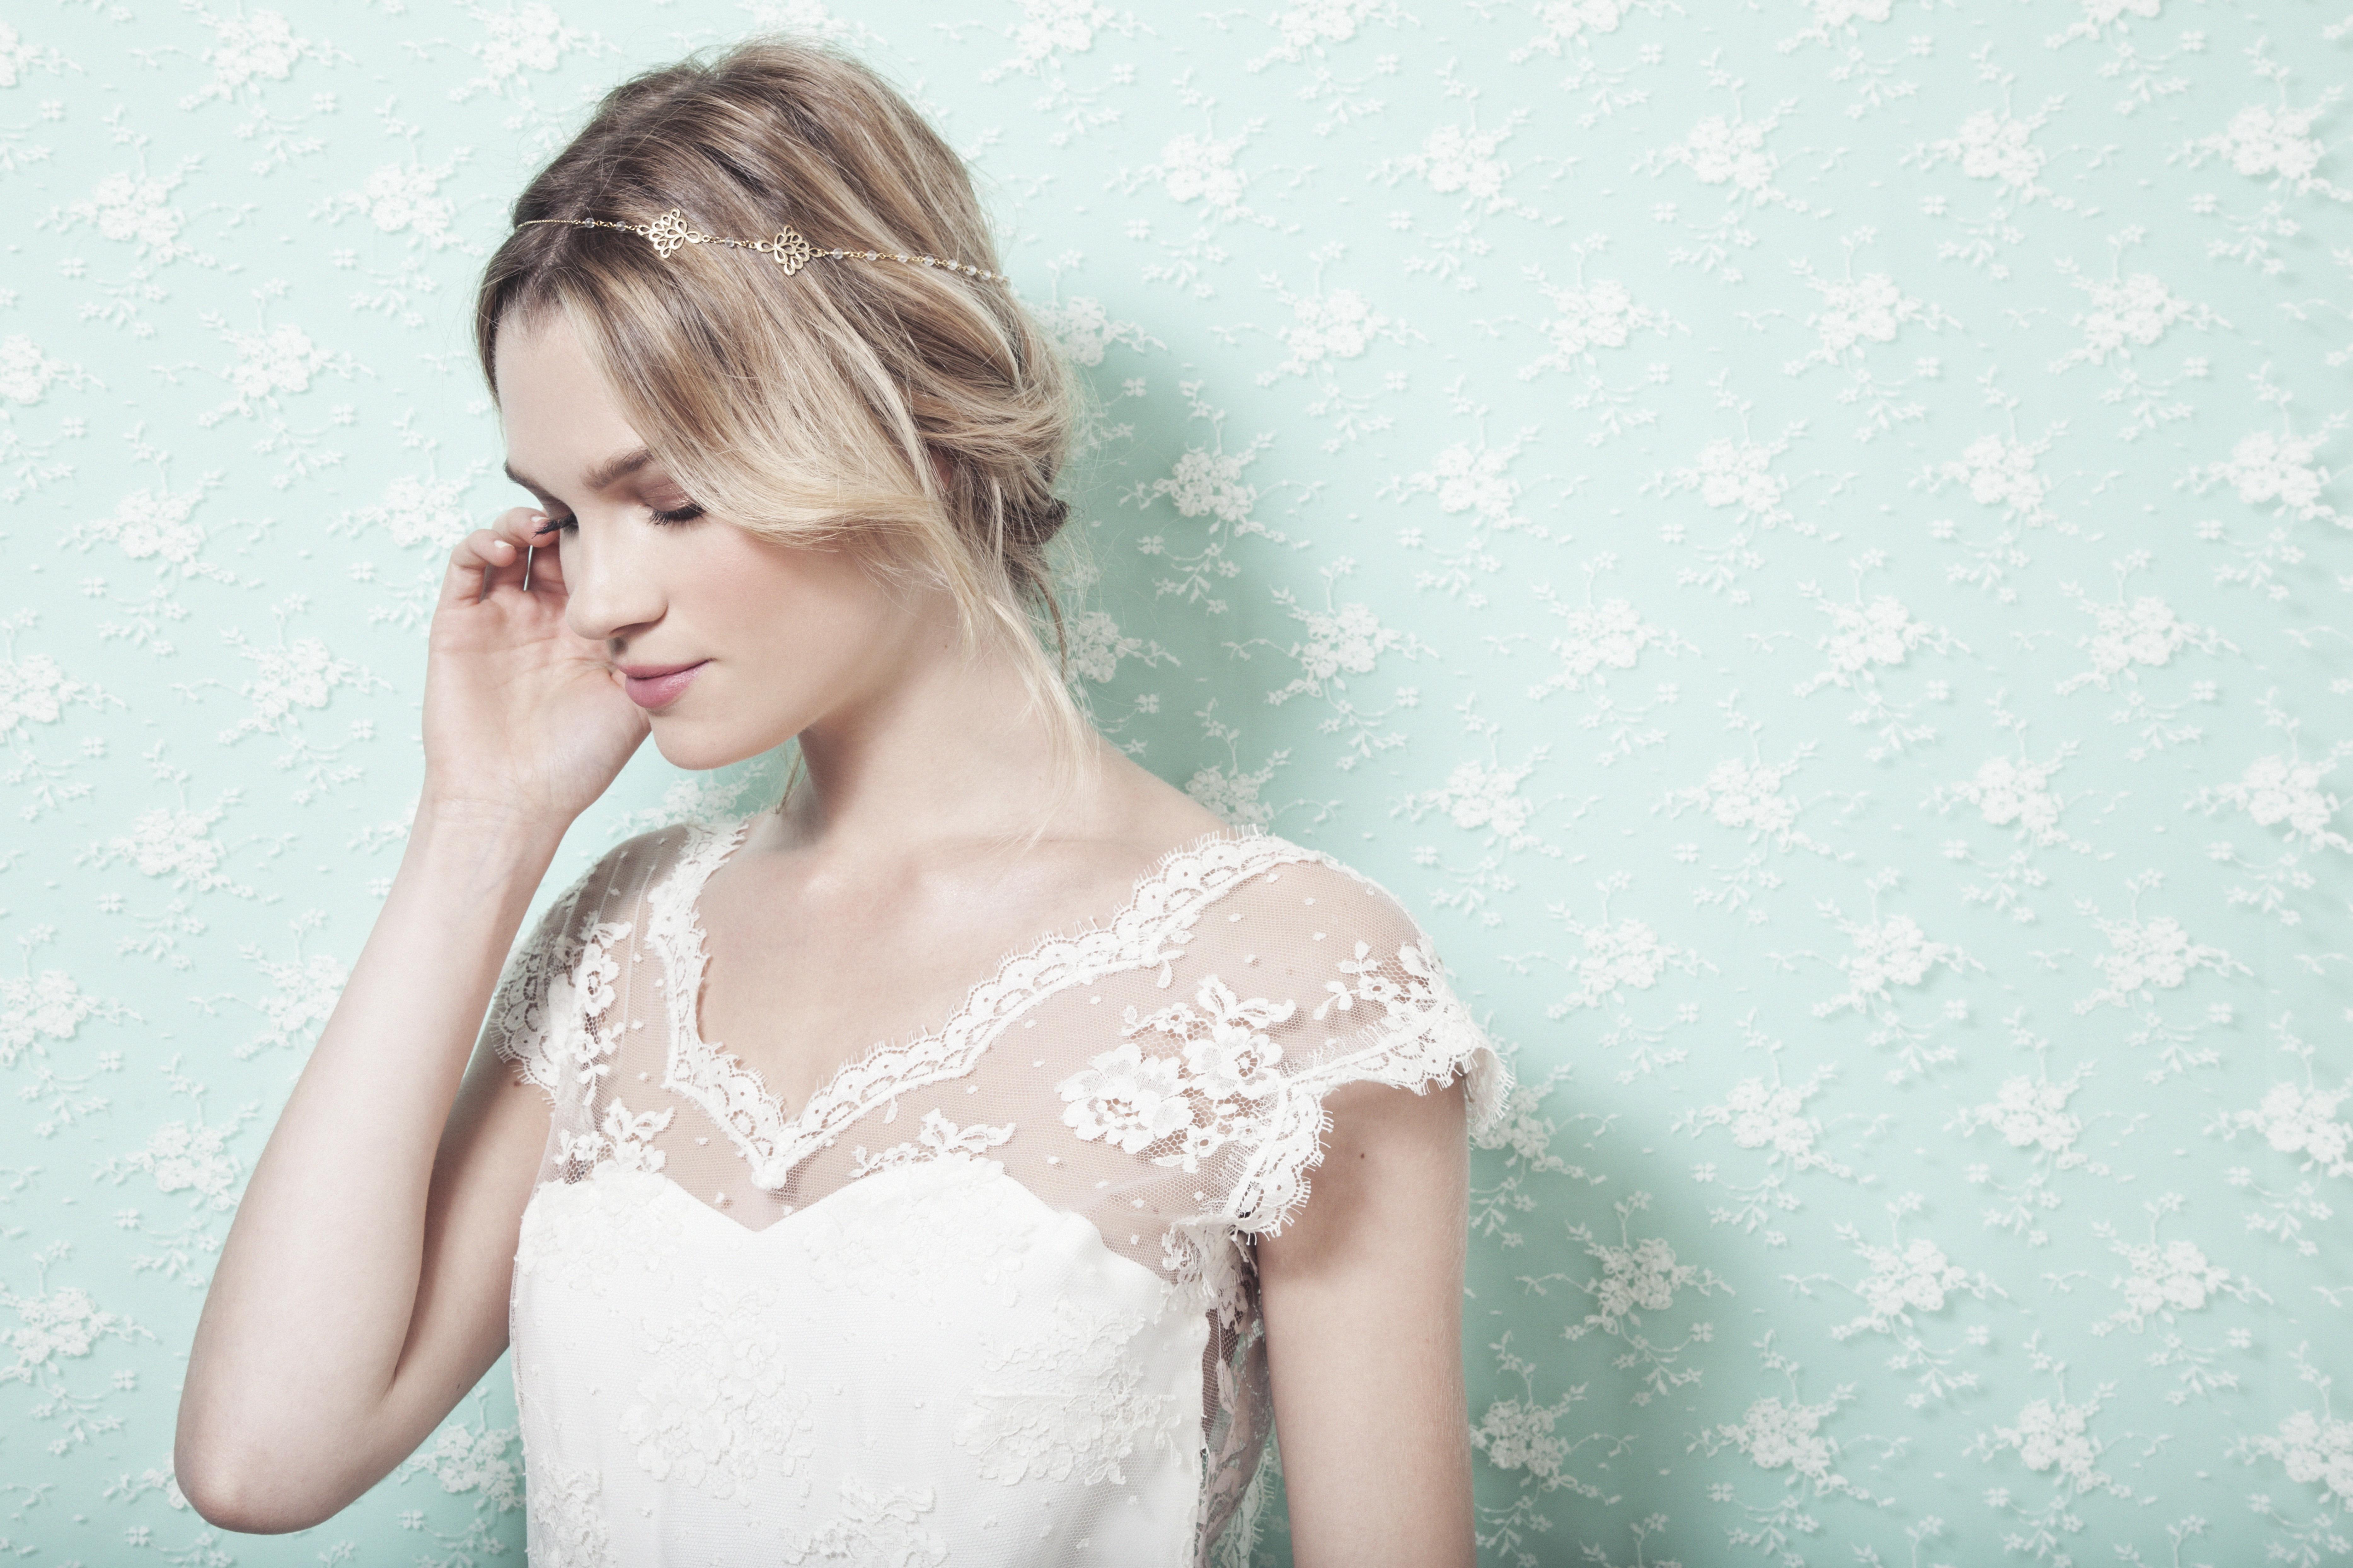 Collection Mademoiselle | Bijoux poétiques Les Dissonances | Headband Grimm